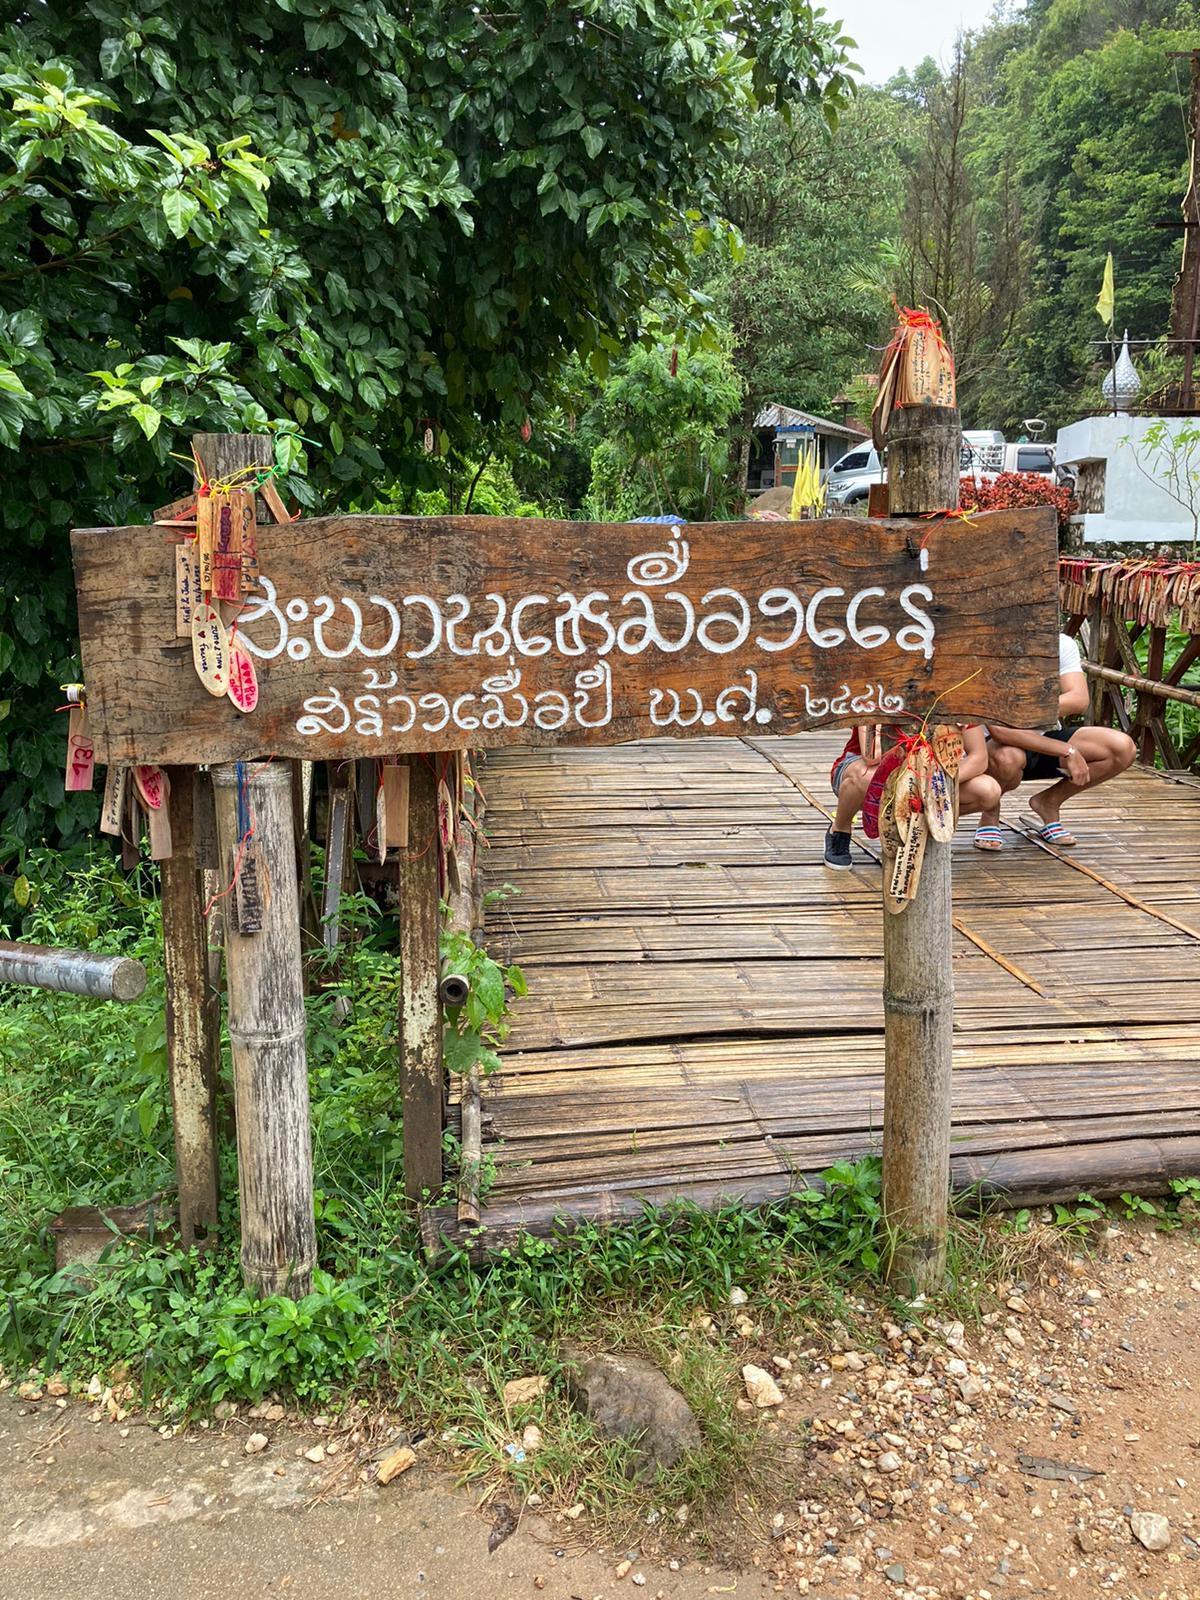 Les experts en vadrouille | Le parc national de Thong Pha Phum en Thaïlande